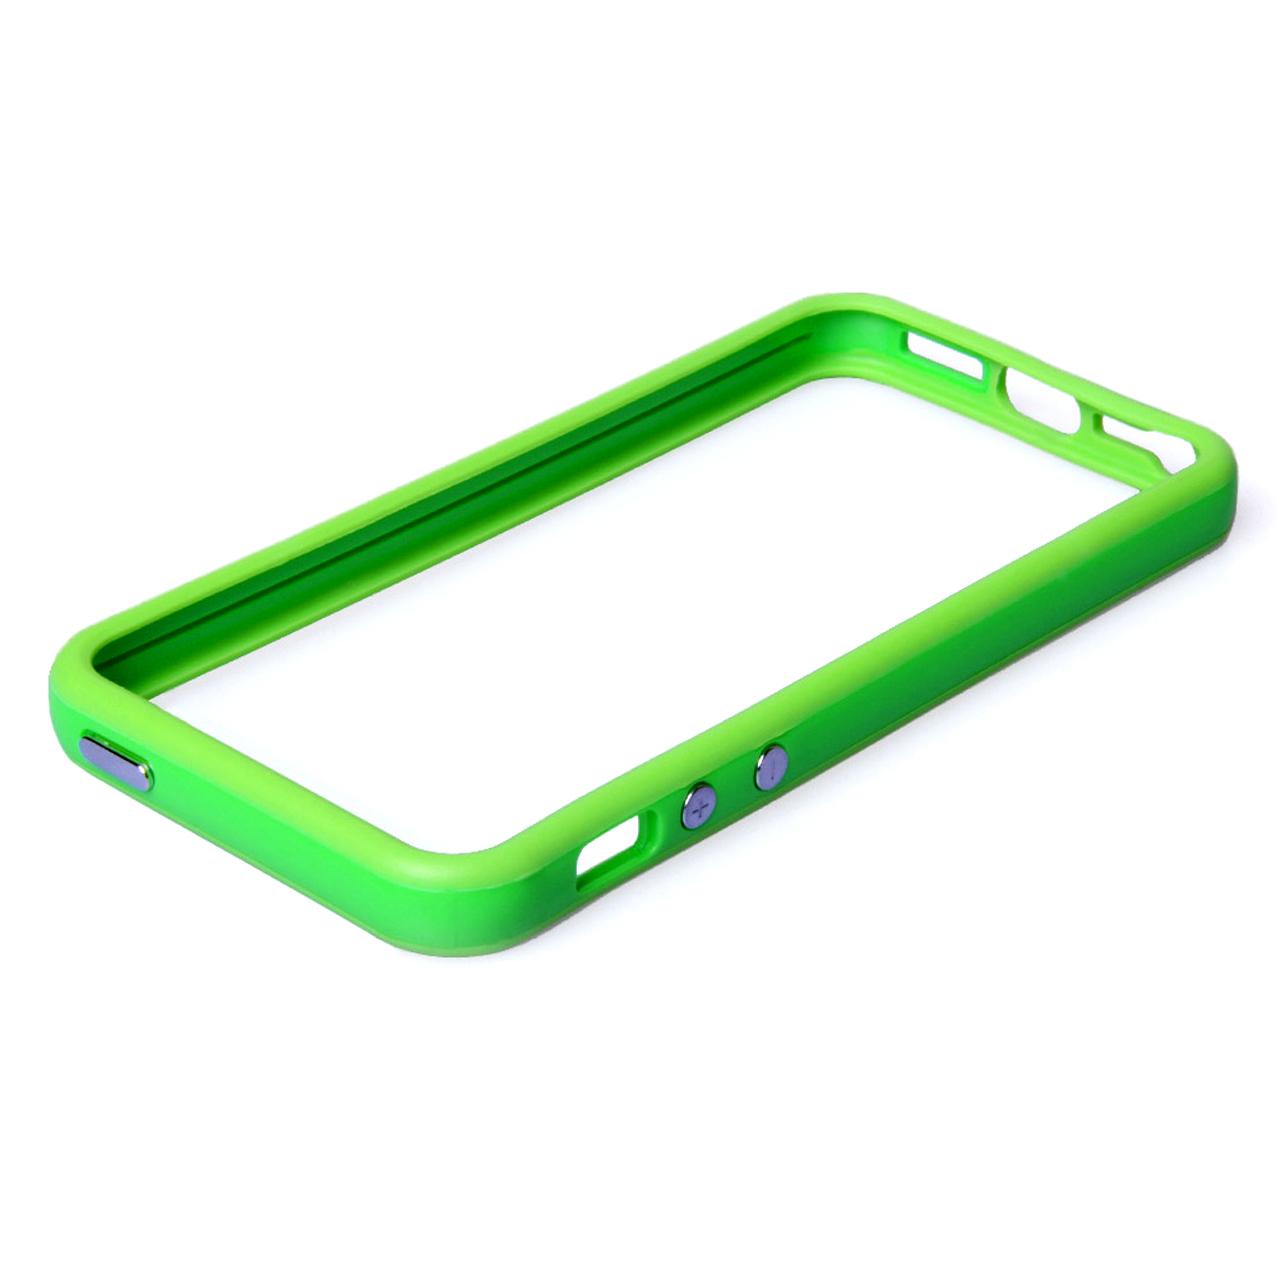 بررسی و {خرید با تخفیف} بامپر مدل DIP526 مناسب برای گوشی موبایل اپل آیفون 5/5S/5SE اصل